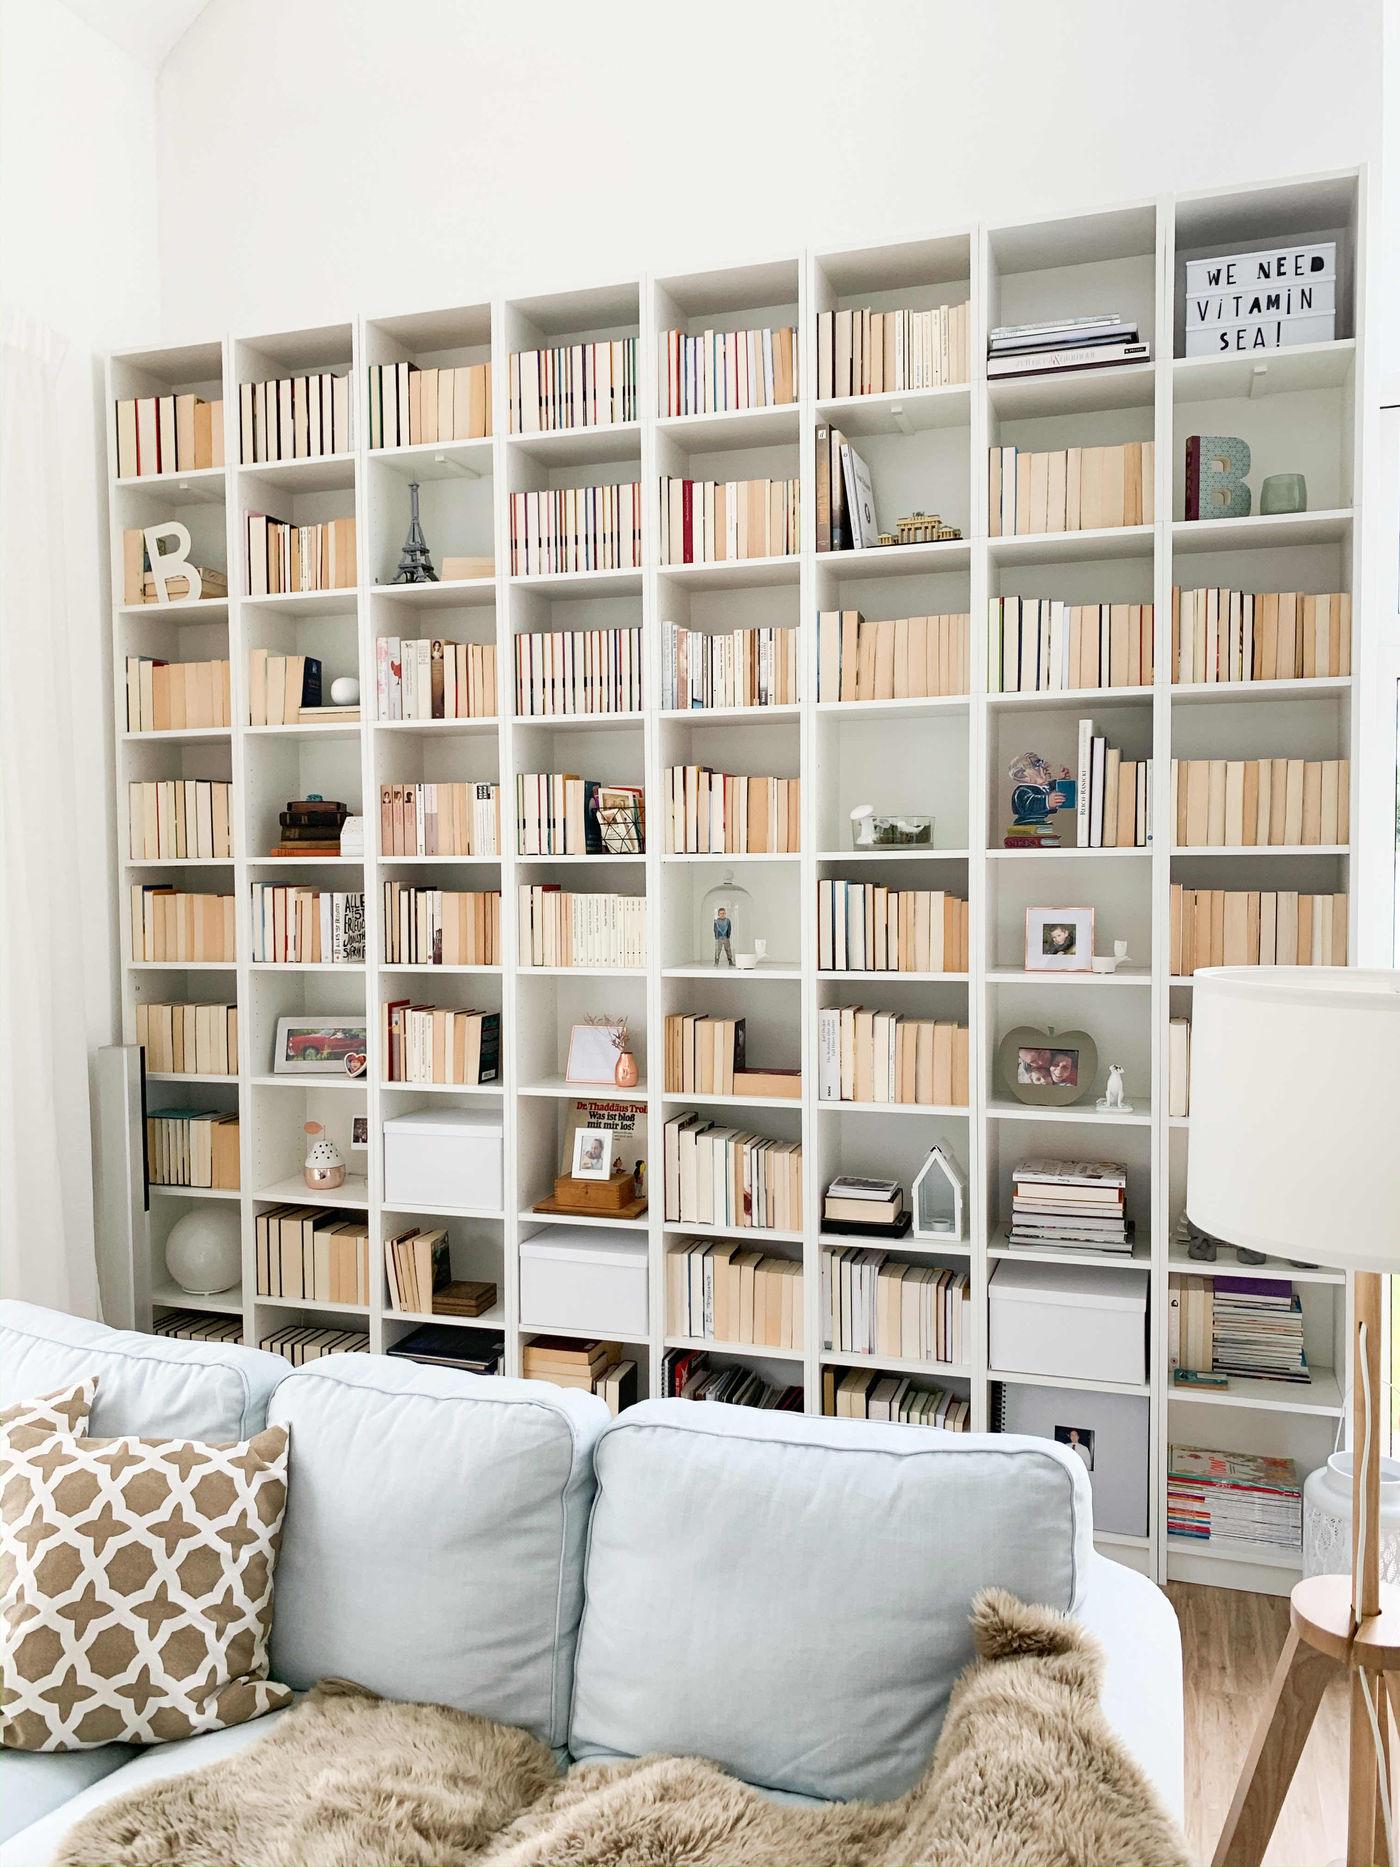 Die Schonsten Ideen Mit Ikea Ektorp Sofas